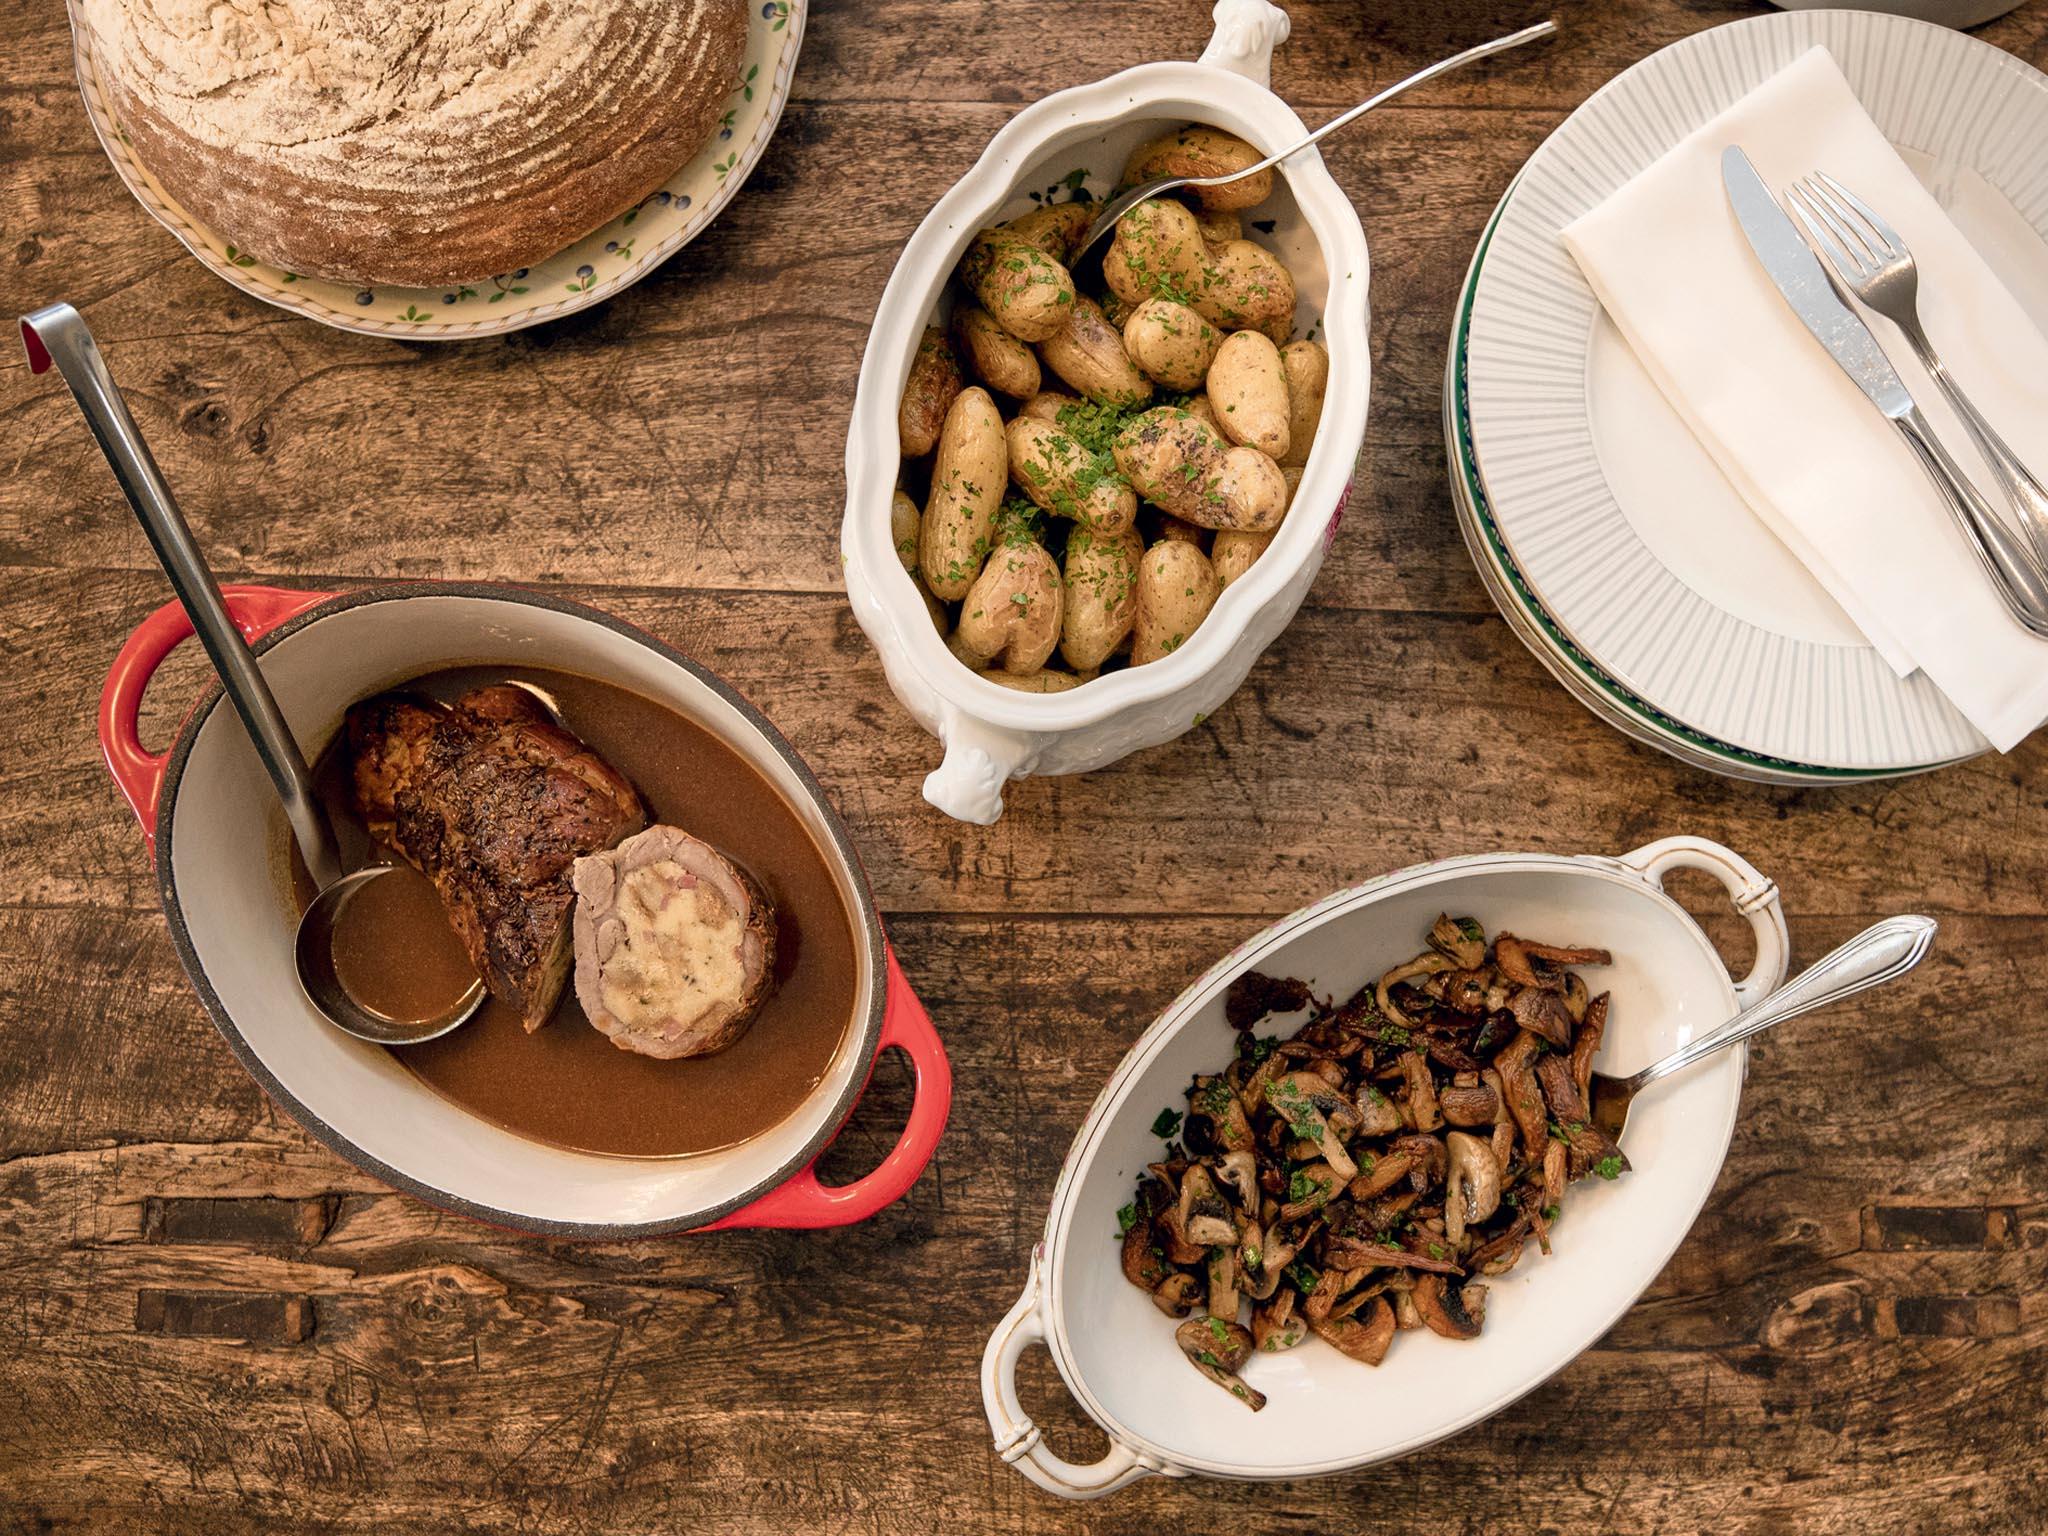 Novinkou podzimu jsou rodinné obědy servírované v mísách doprostřed stolu.